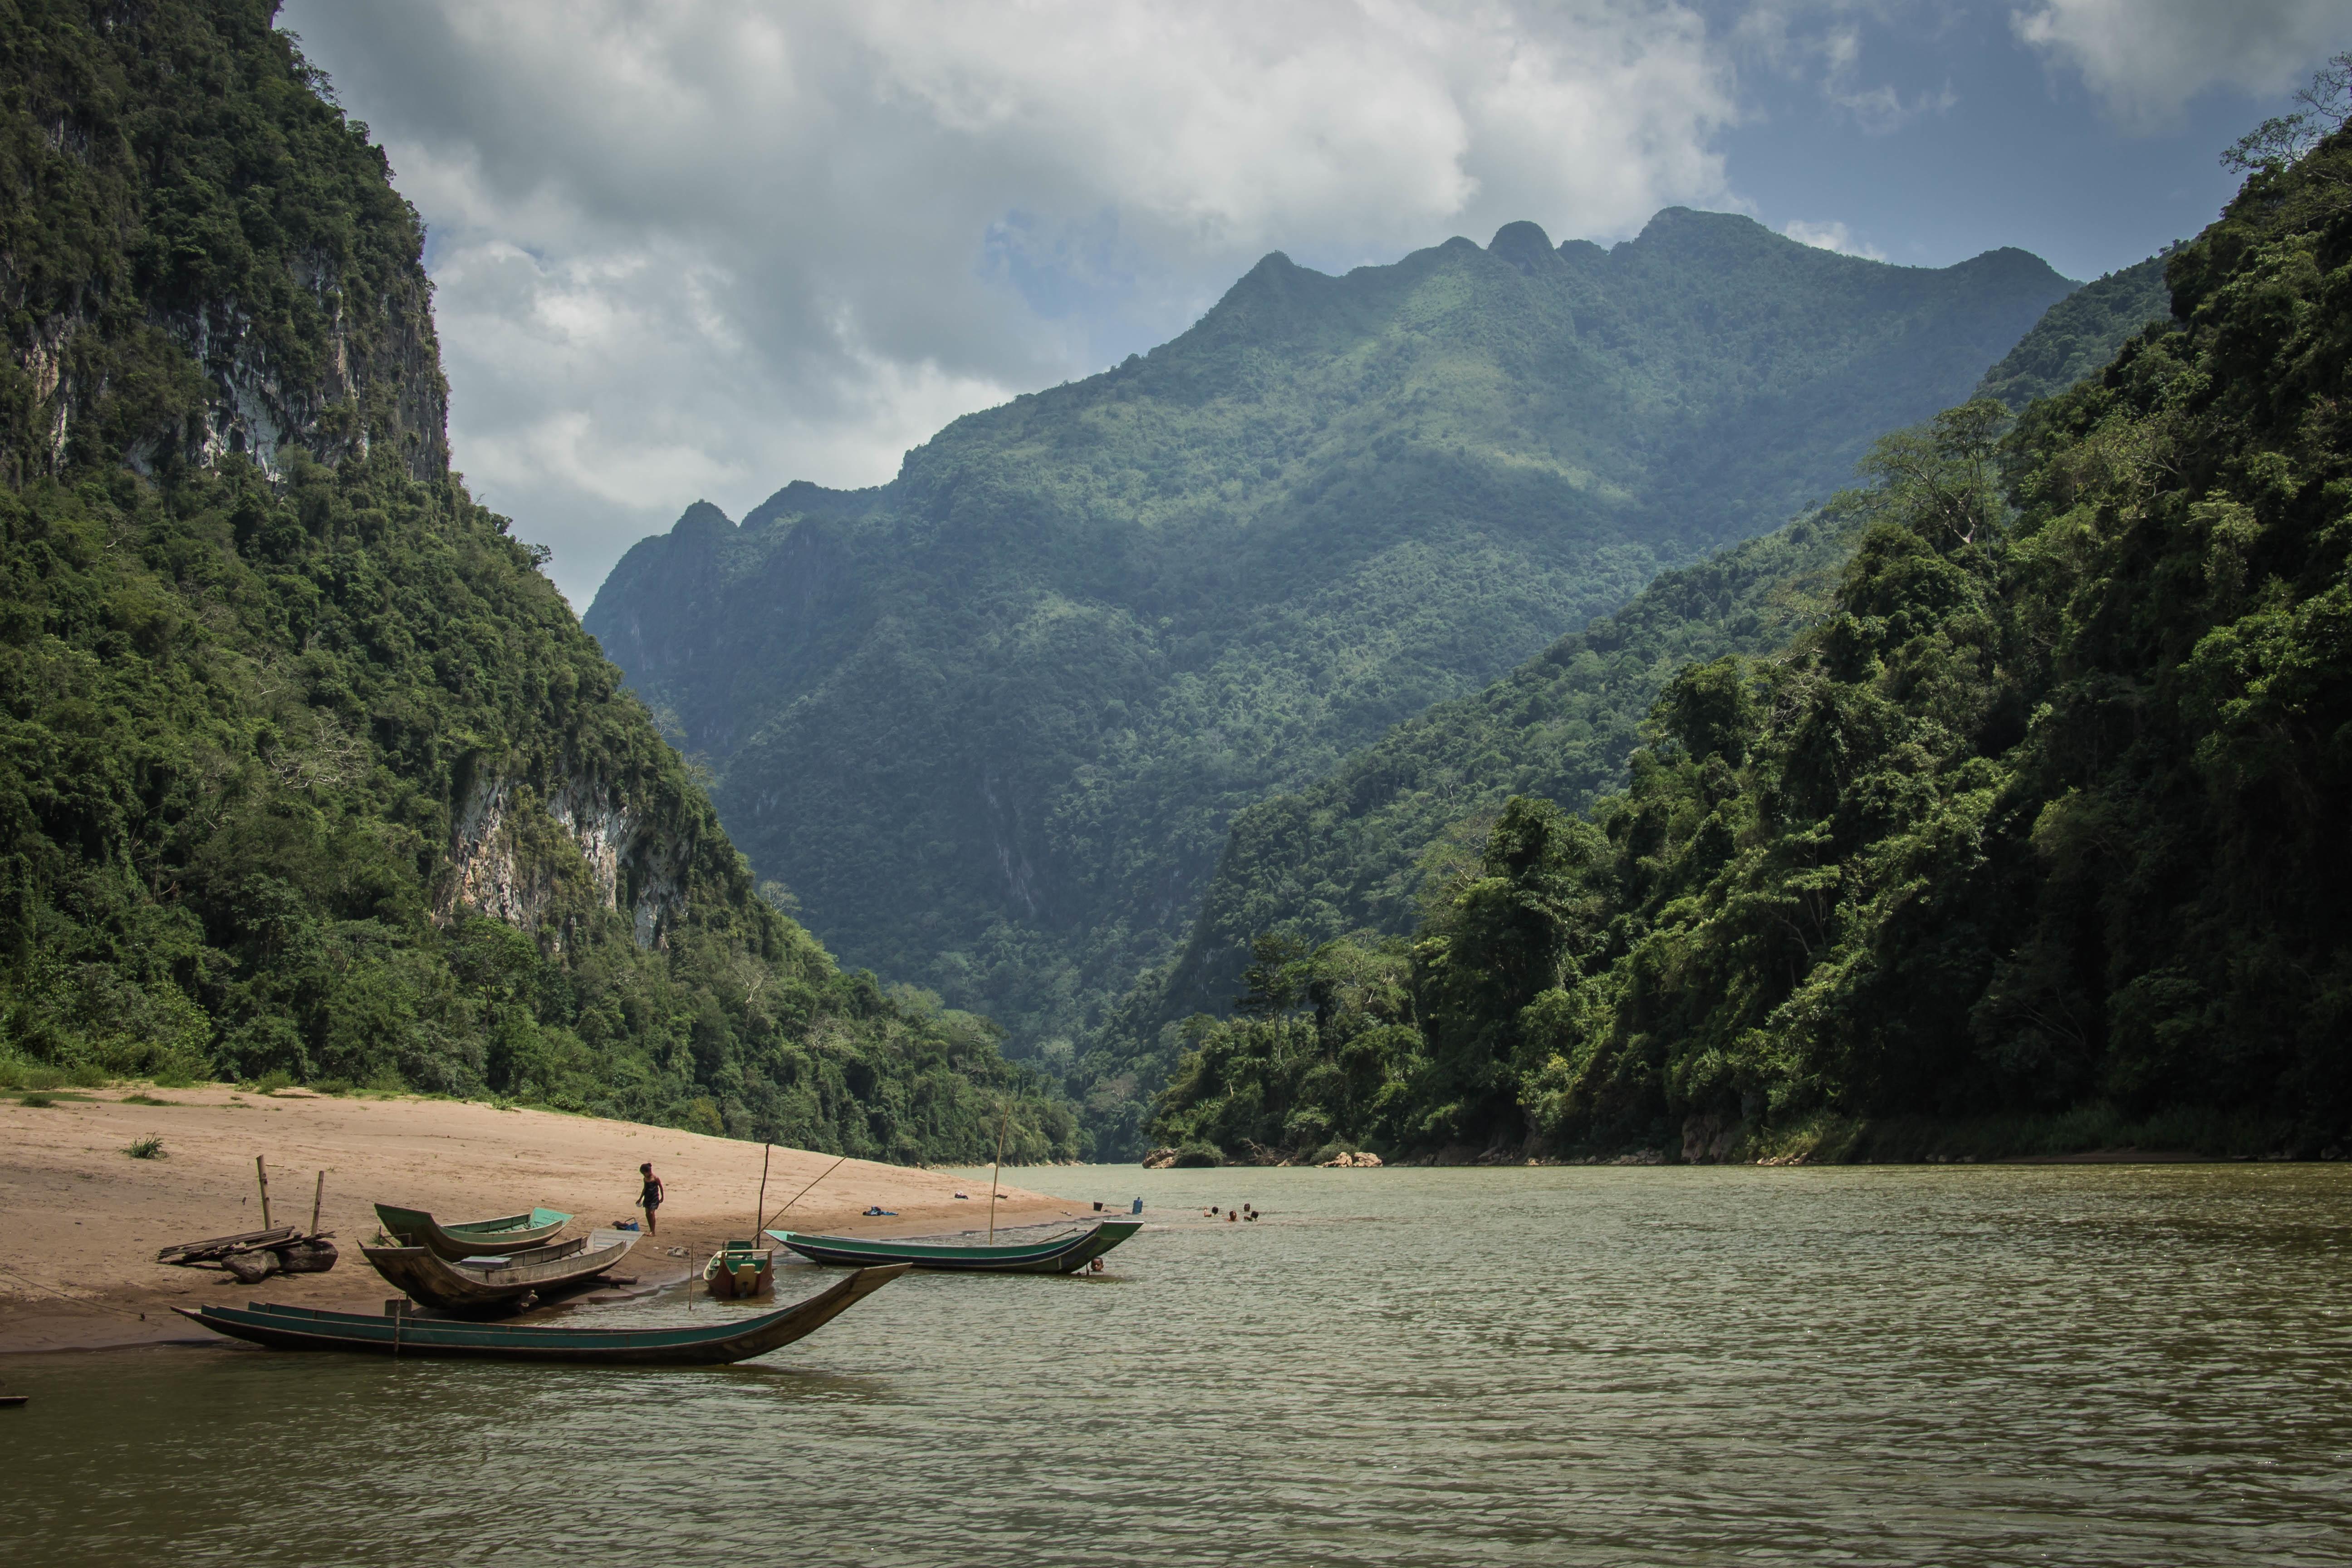 интернеты, реки юго восточной азии фото принцесса